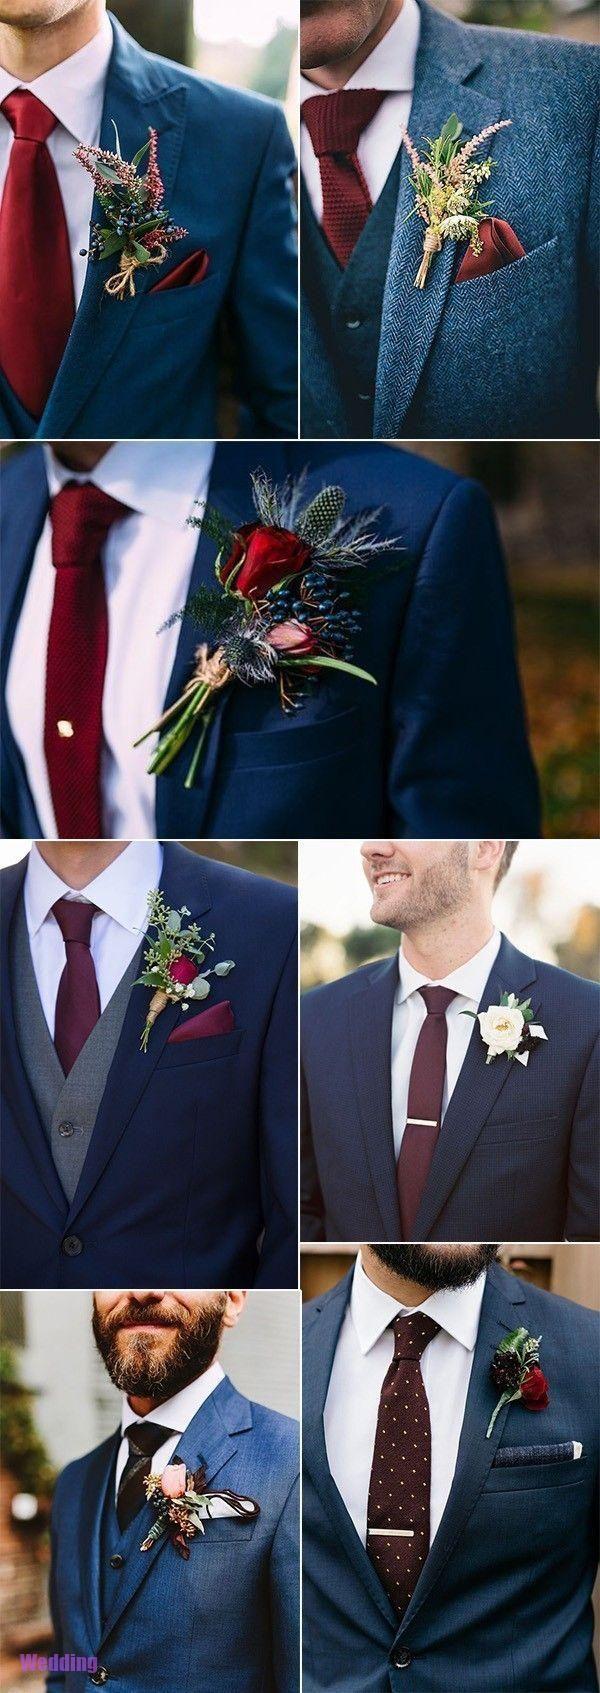 Novia flor 20 ideas de tendencia para el novio para bodas en 2019 #brautigam # boda …..